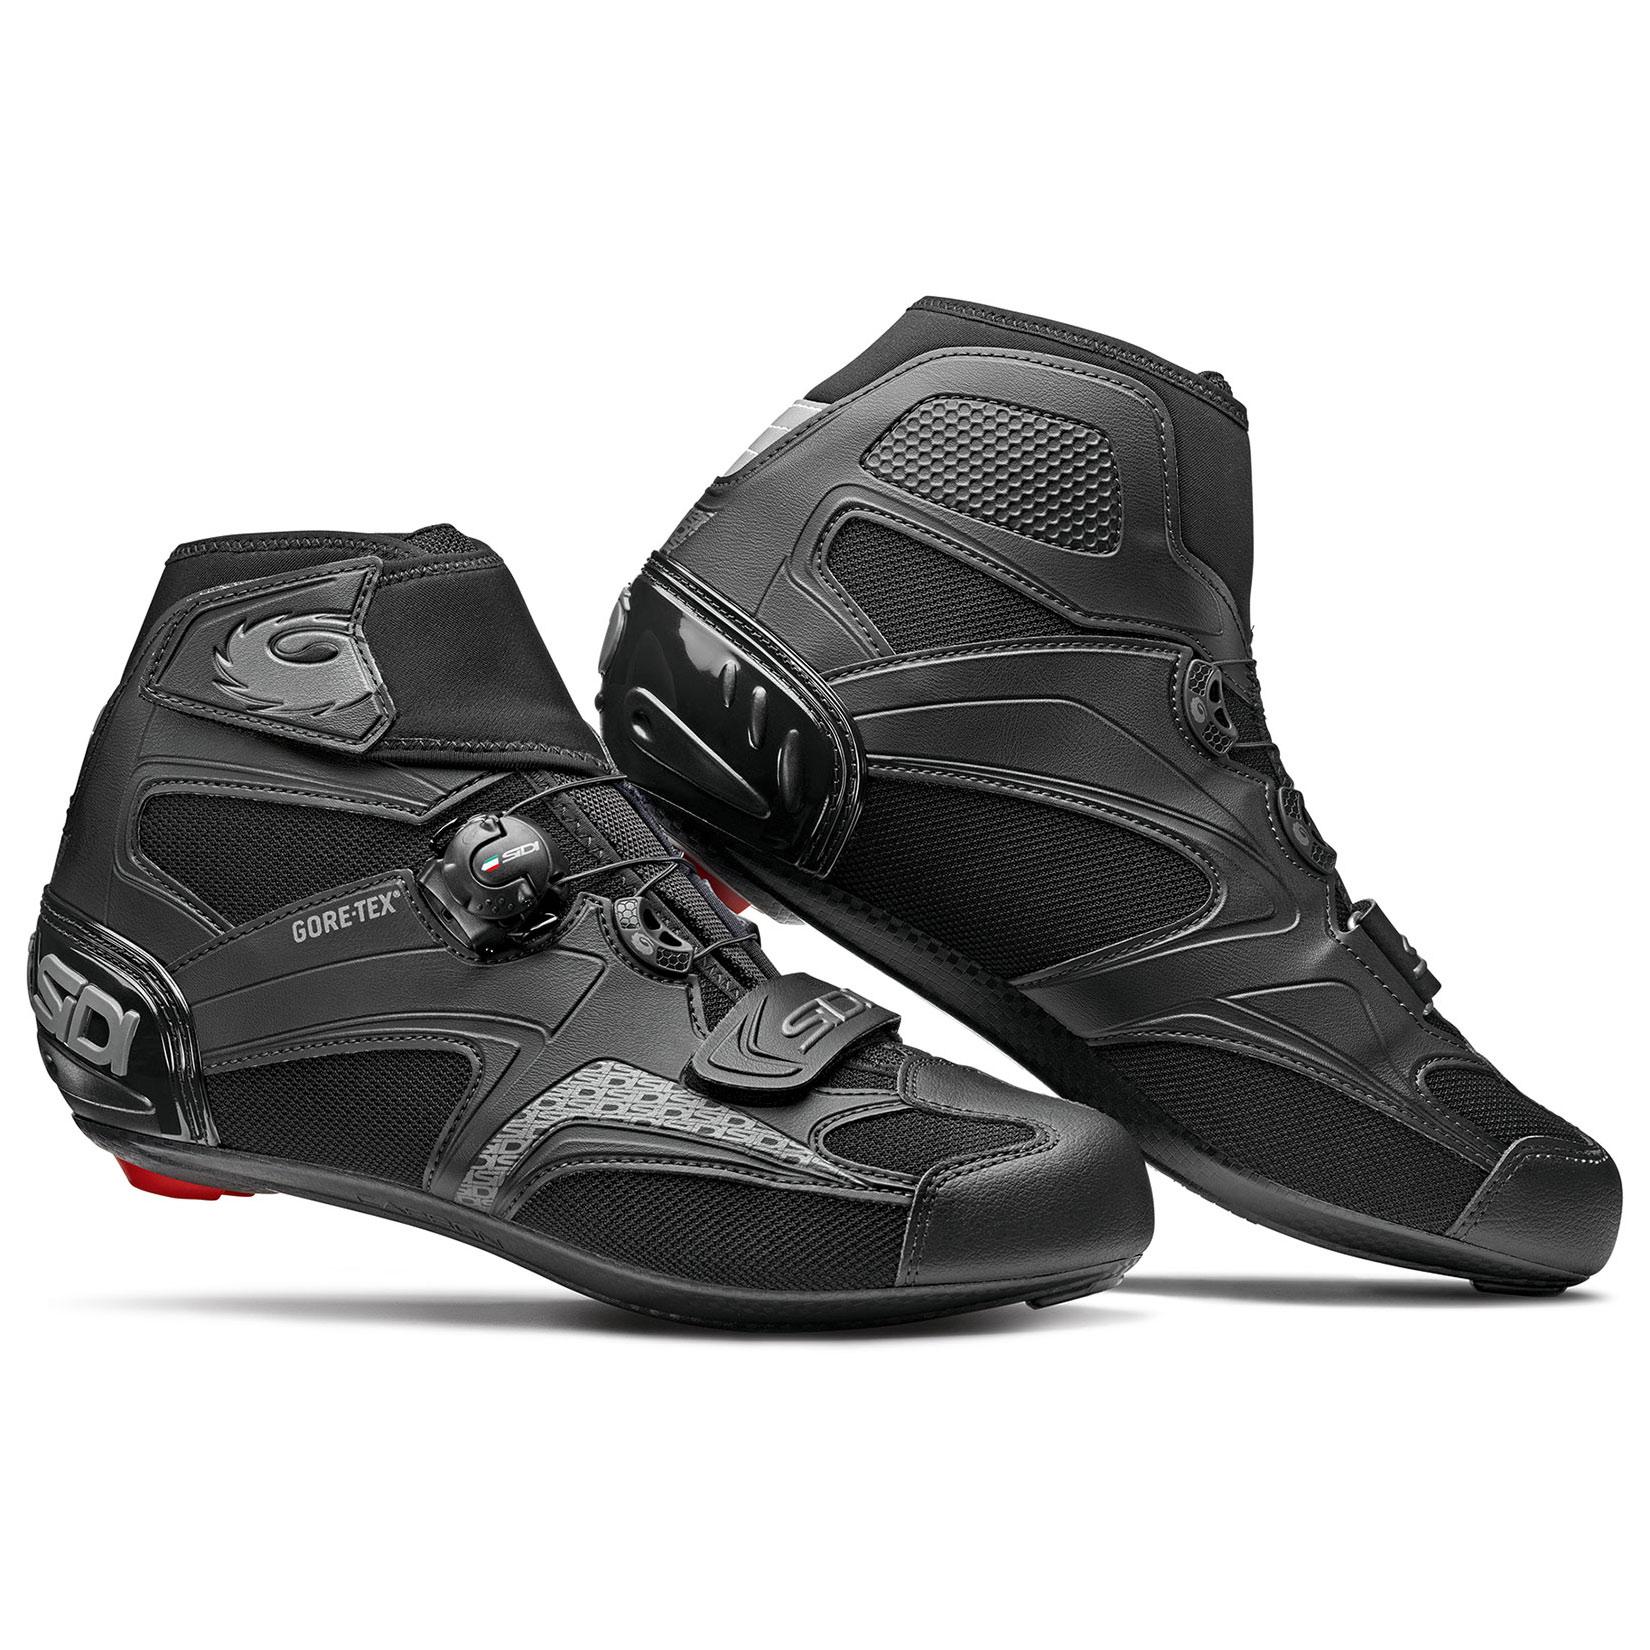 Produktbild von Sidi MTB Frost Gore 2 Schuhe - black